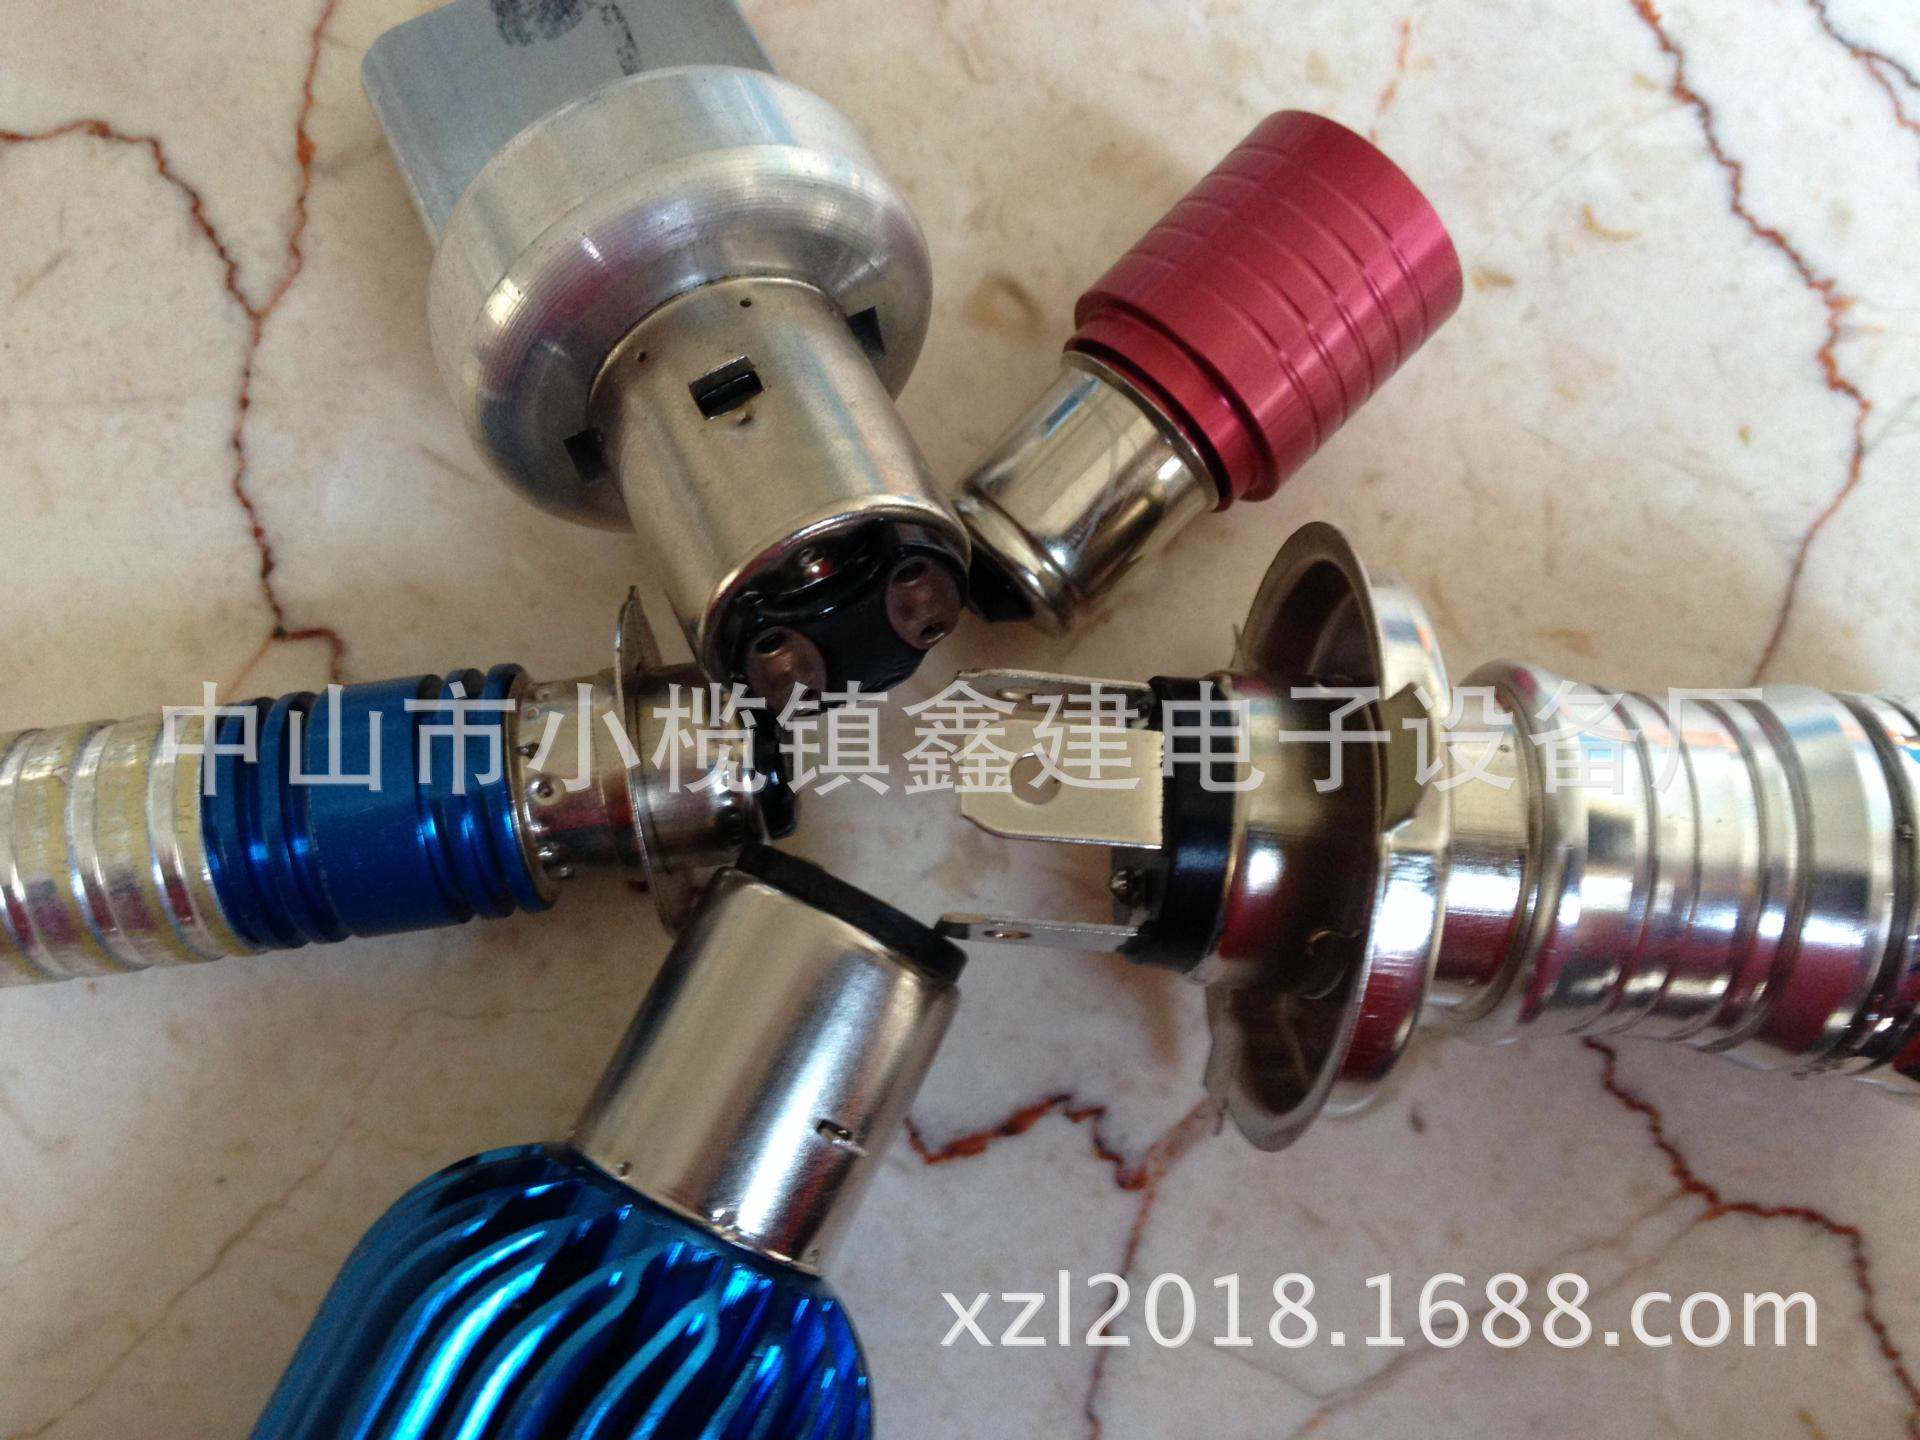 厂家直销LED节能灯灯头机定做汽车灯特殊型号灯头锁紧机